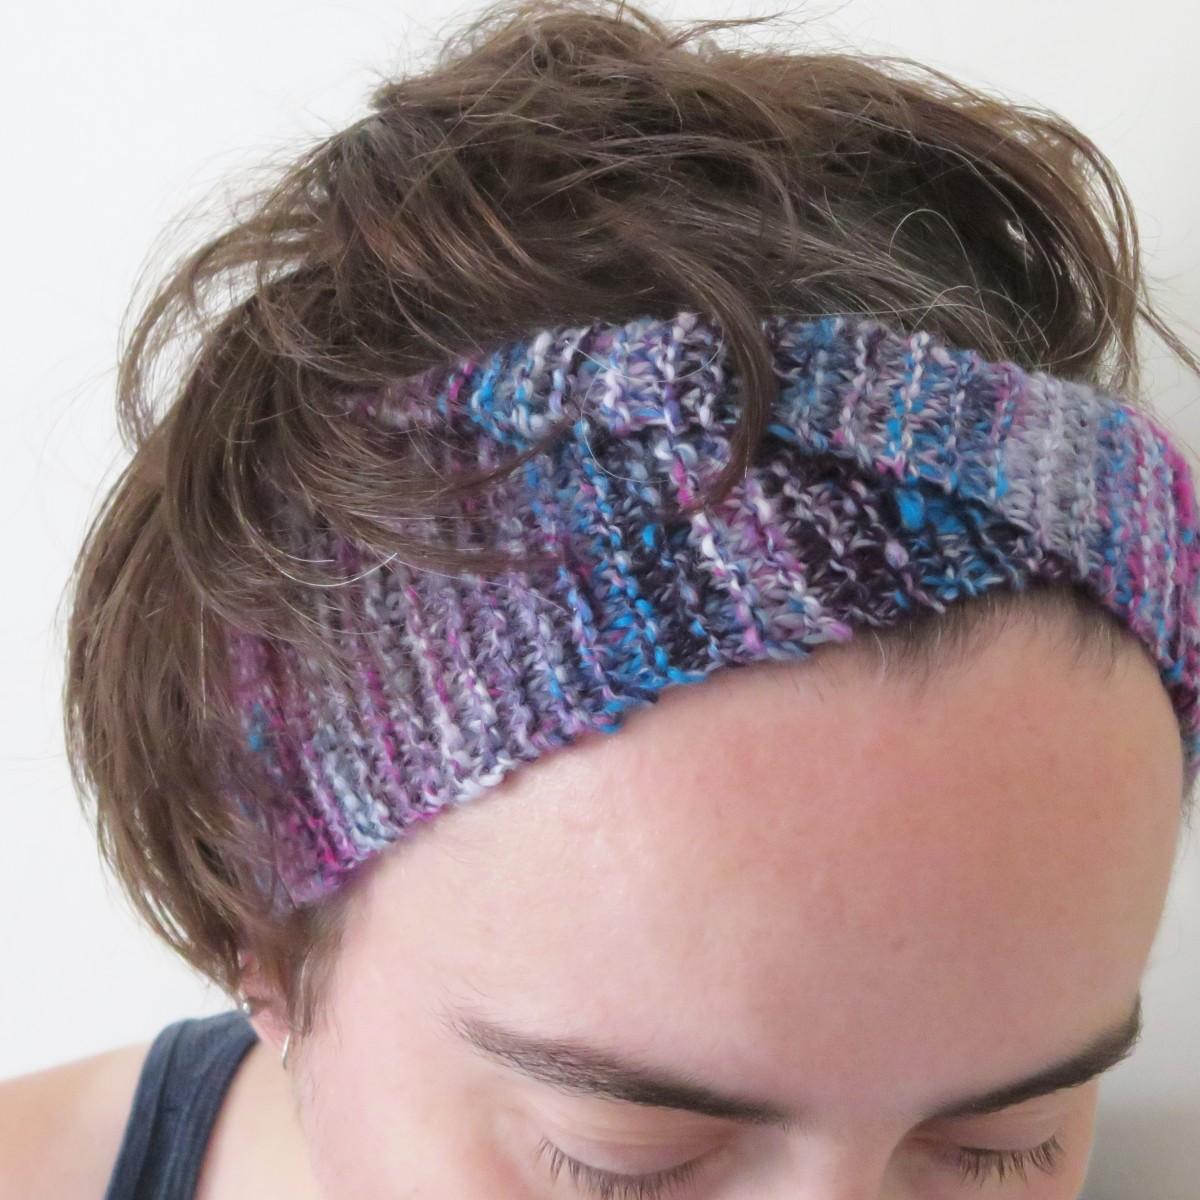 Free 'Alice' Headband Knitting Pattern